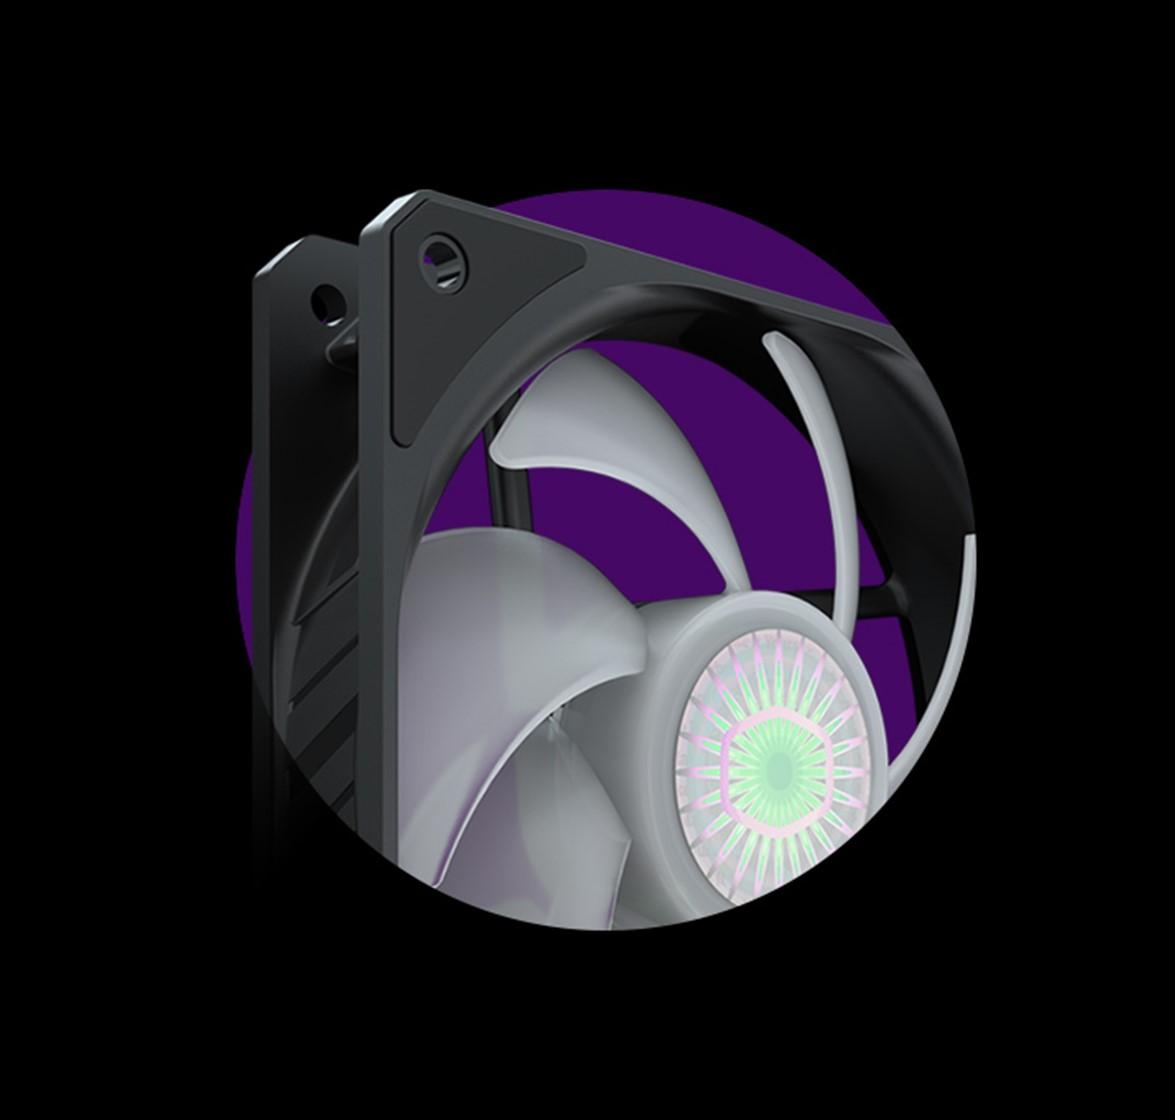 Sickleflow 120 RGB Fan